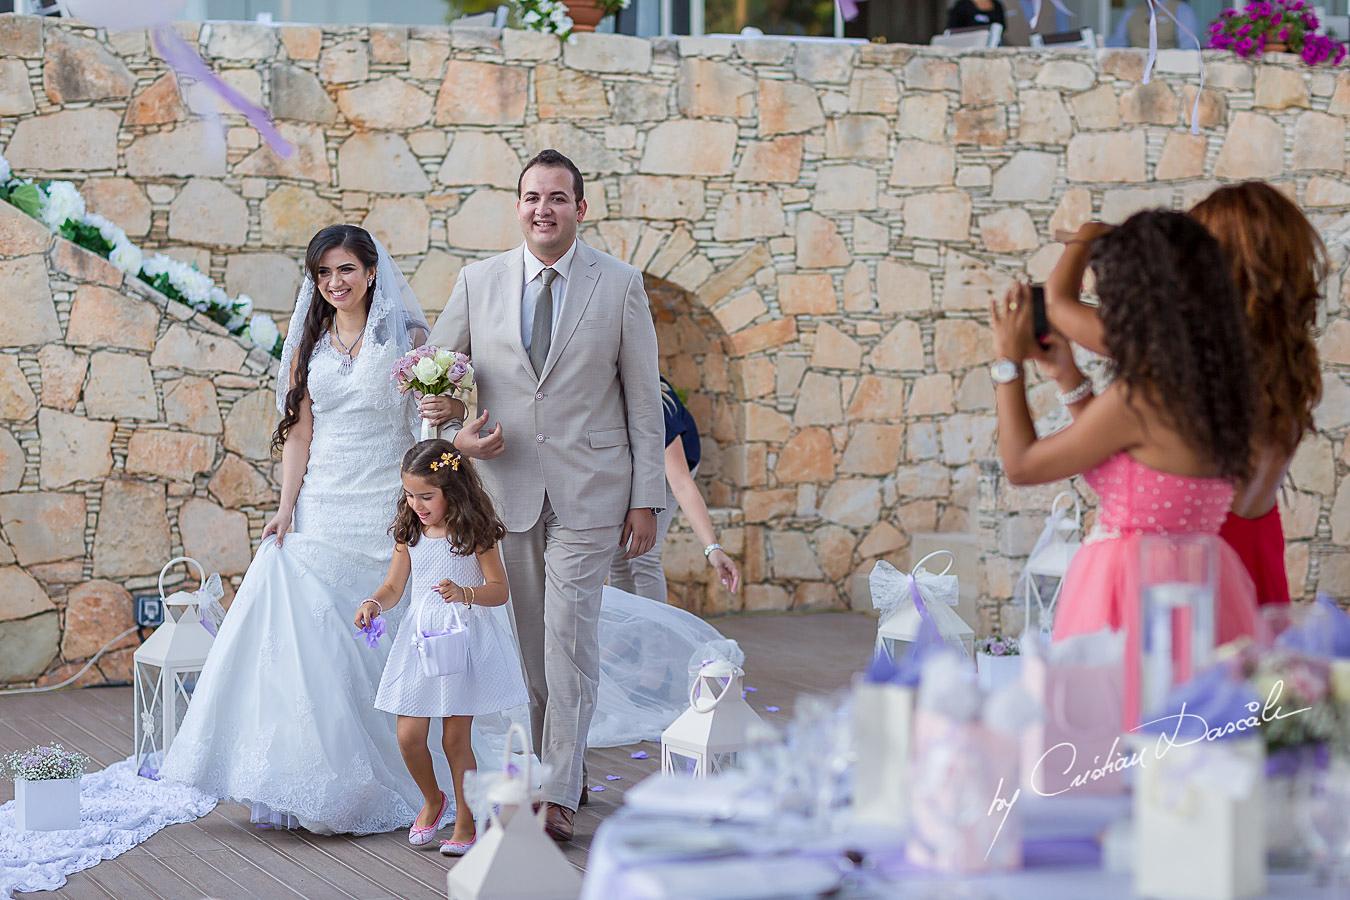 Royal Apollonia Wedding - 61